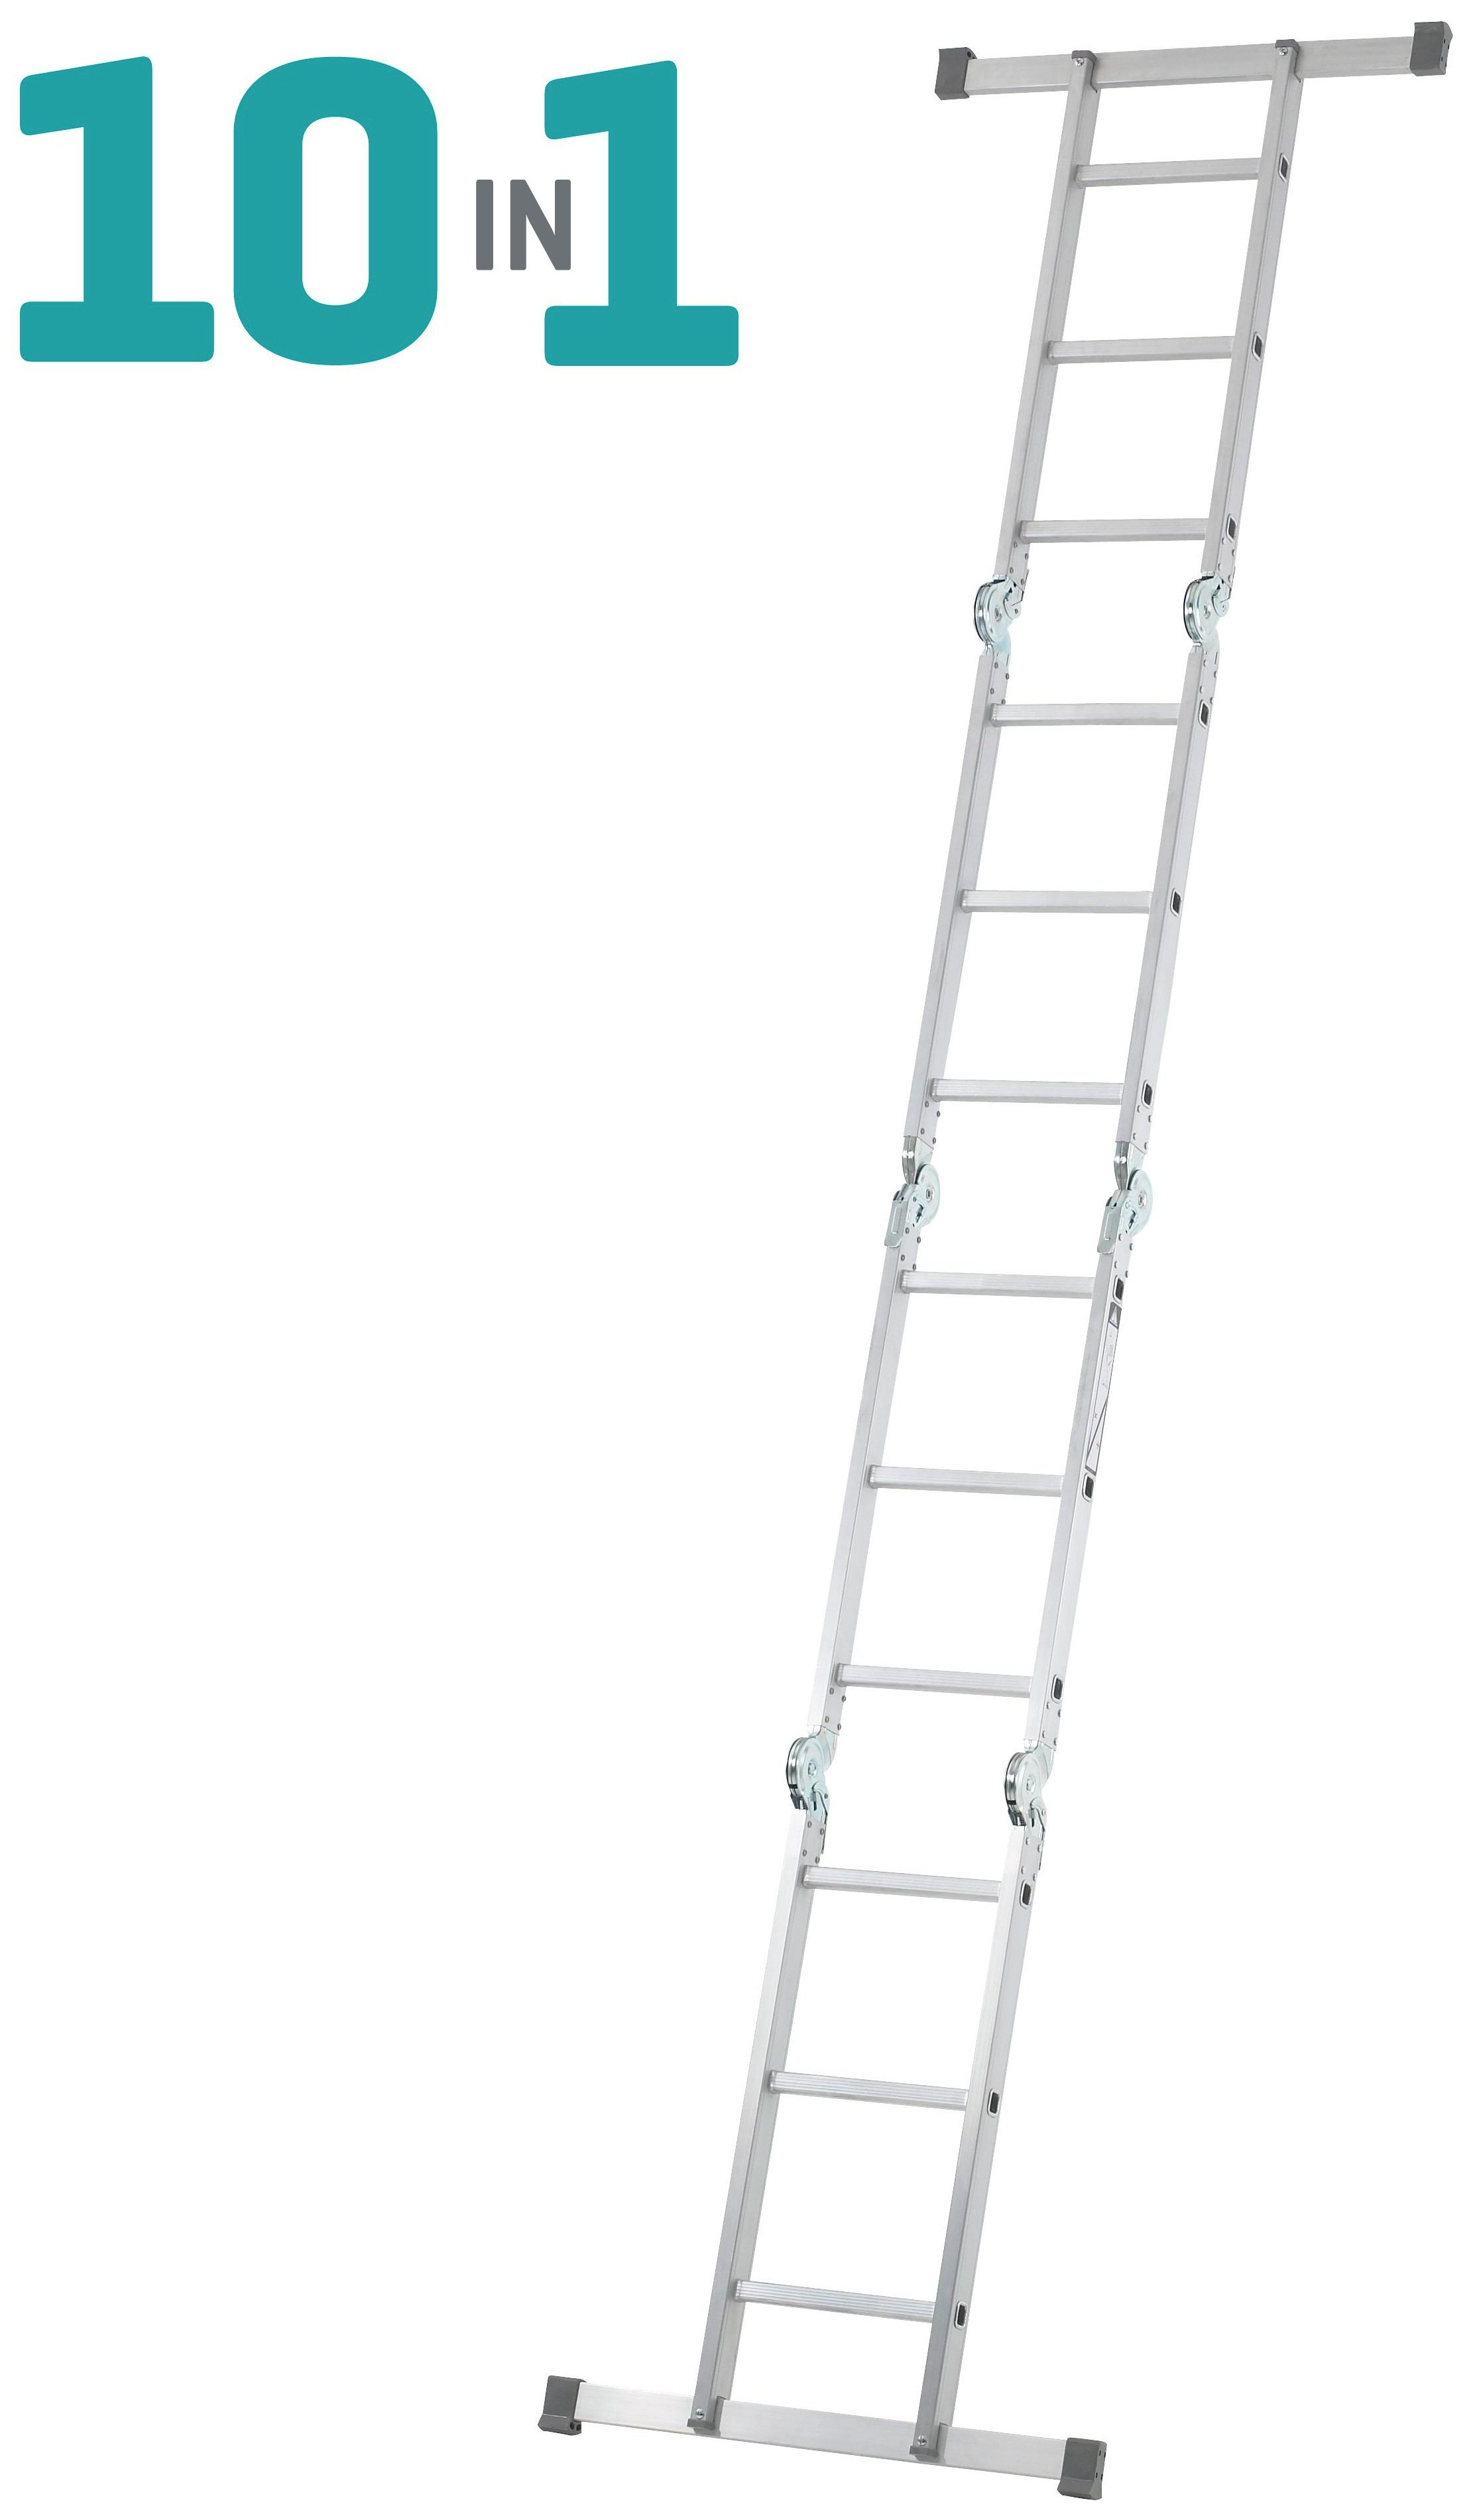 Abru - Multi-Purpose Ladder 10 In 1 403M Max *SWH